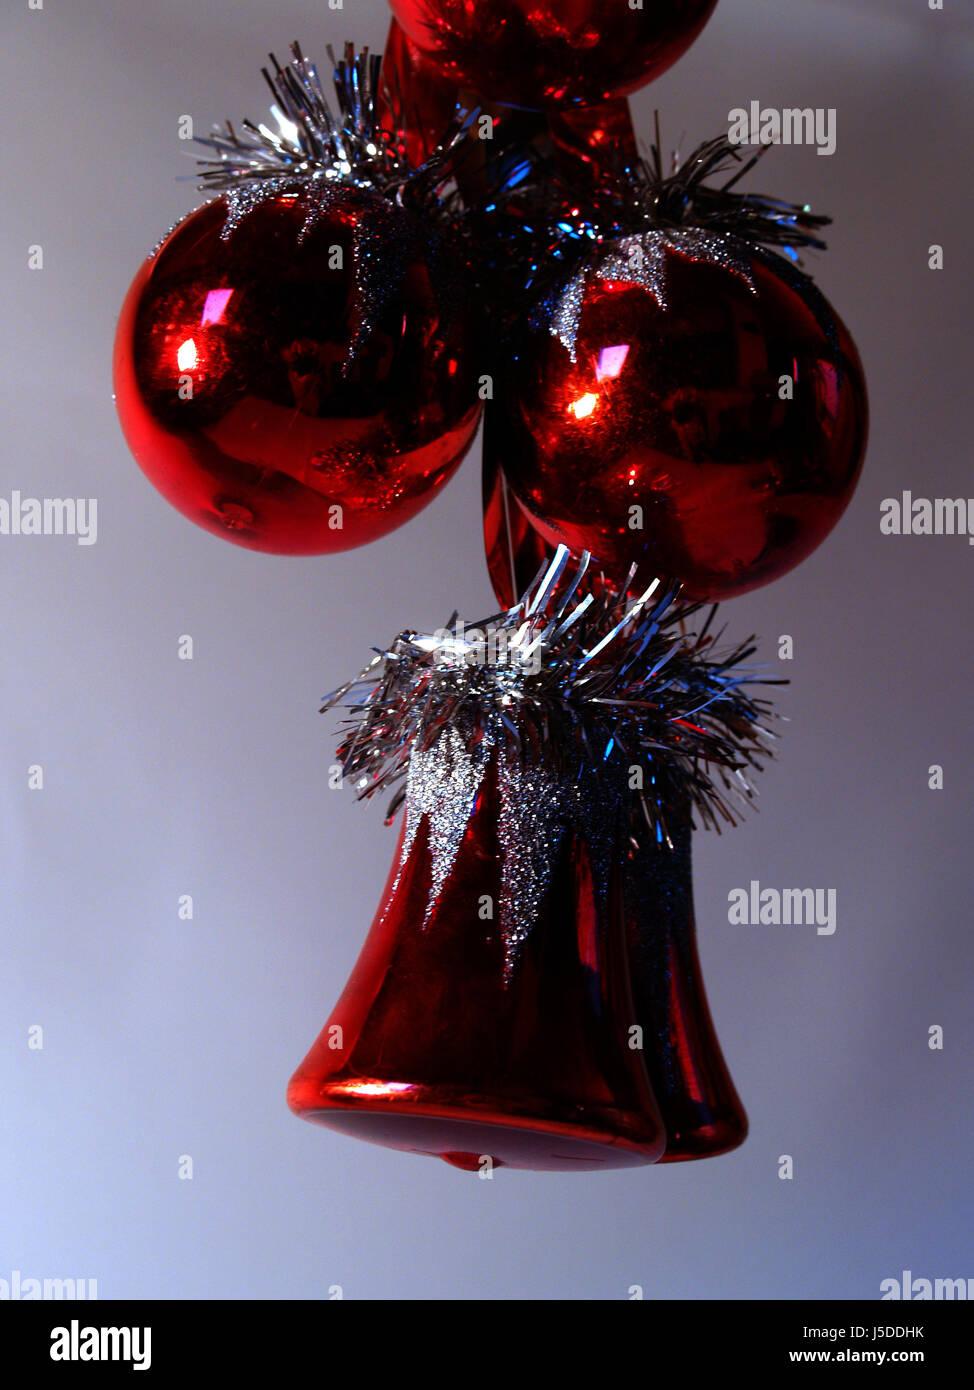 holiday christmas decorations christmas ball ball december christmas tree ball - Stock Image